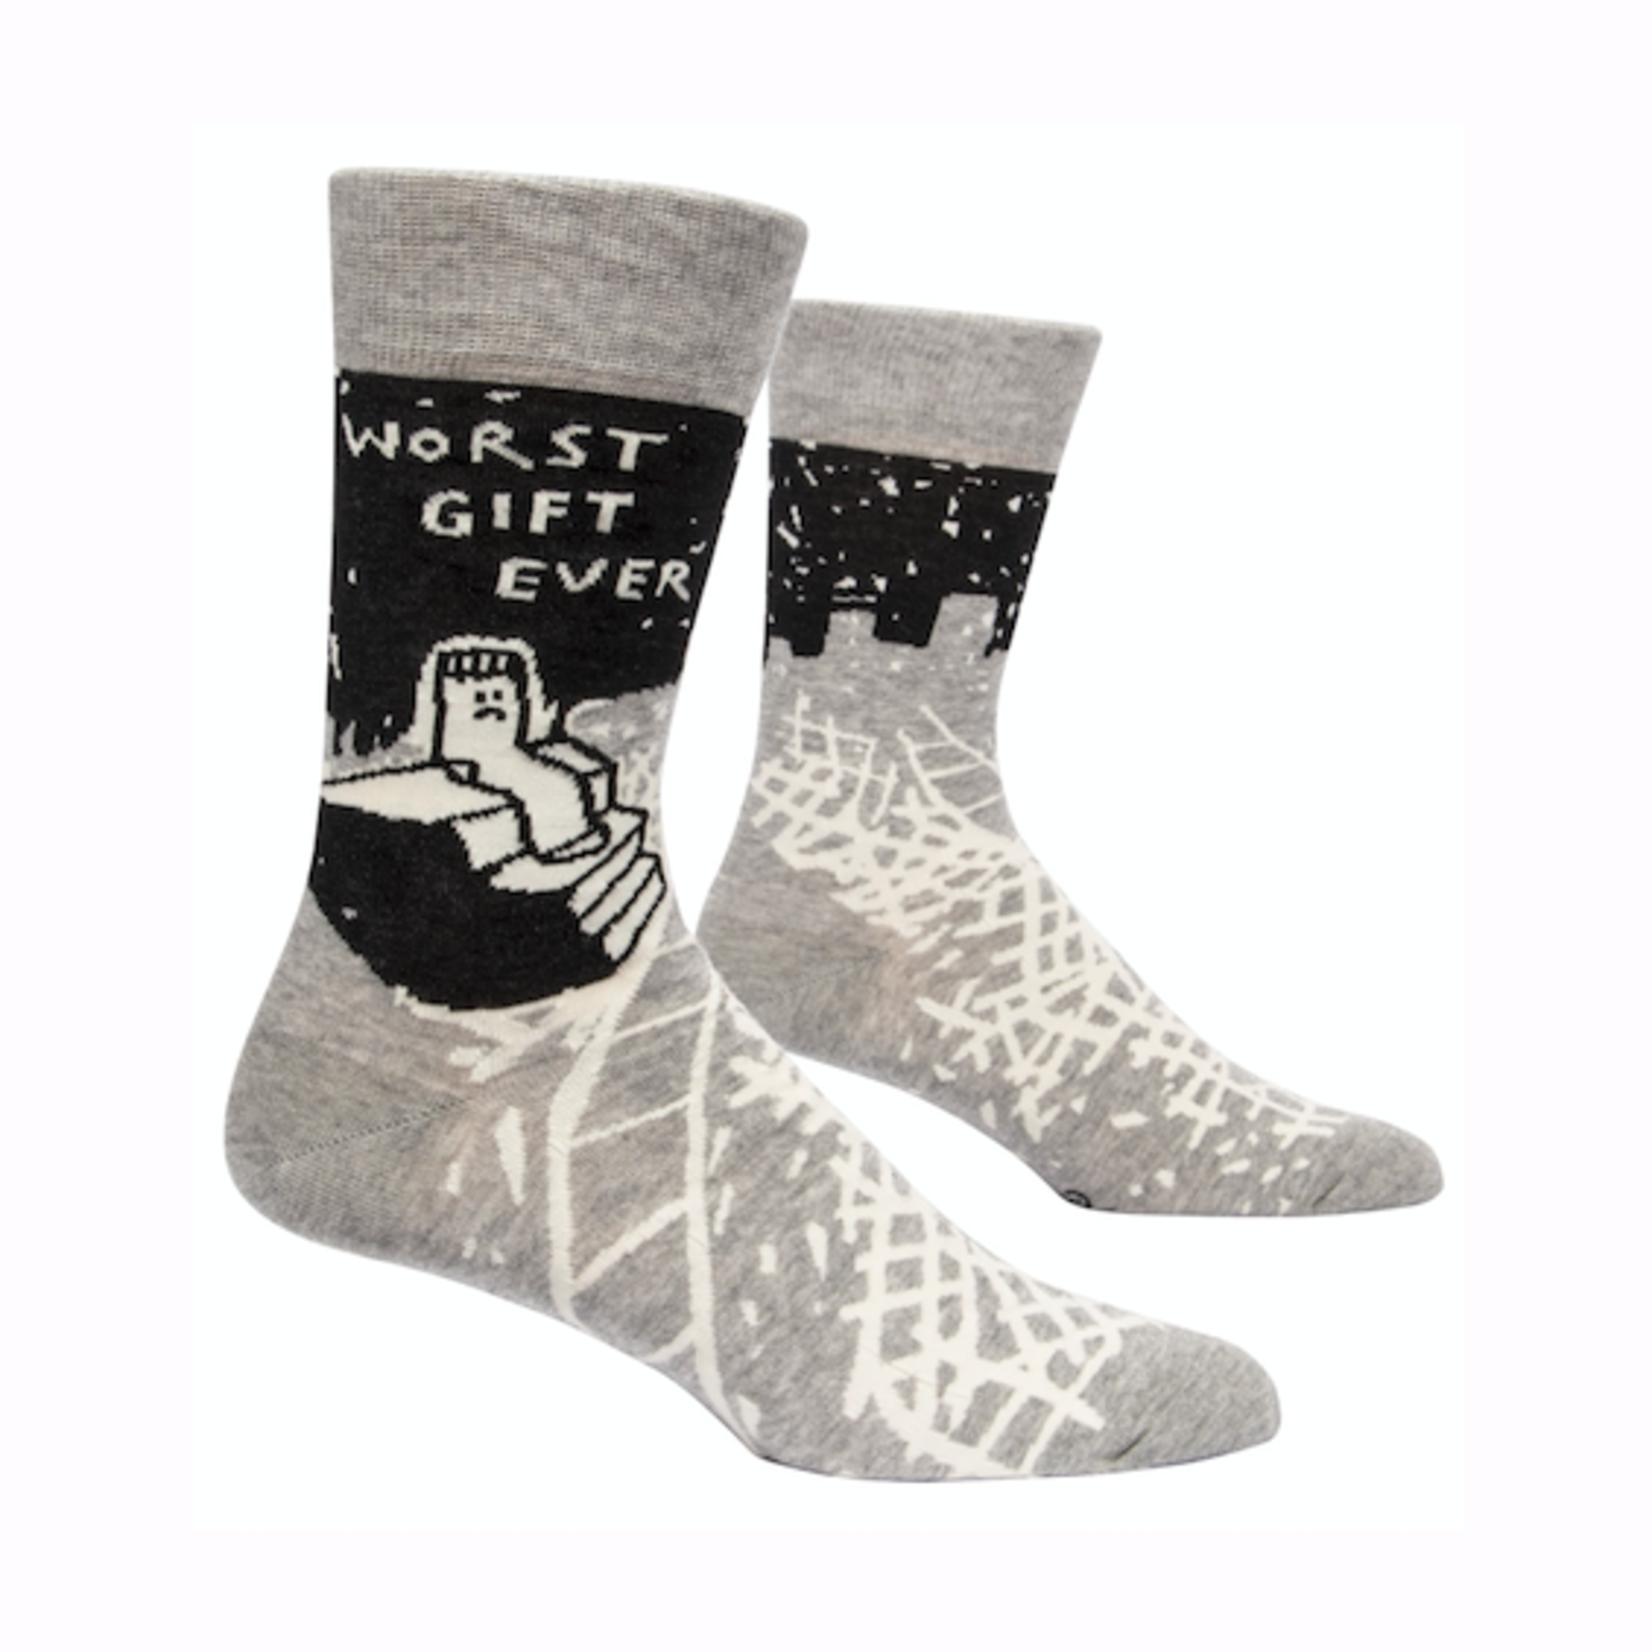 Men's Worst Gift Ever Socks